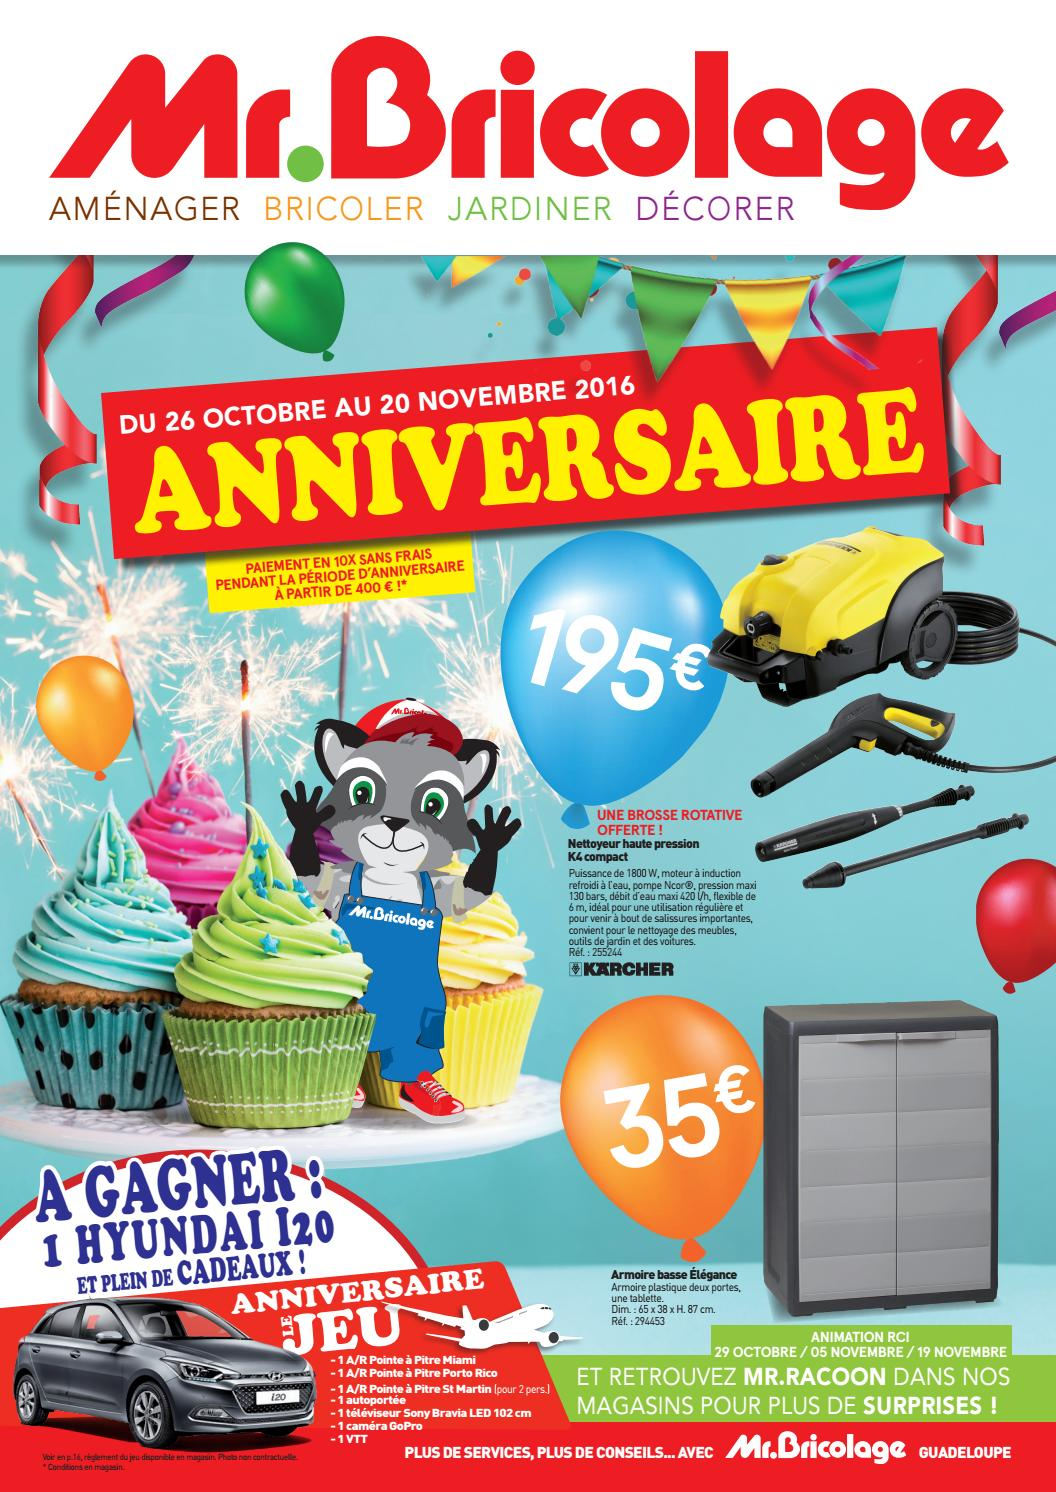 Mr.Bricolage Guadeloupe : ANNIVERSAIRE ! (du 26 Octobre au 20 ...